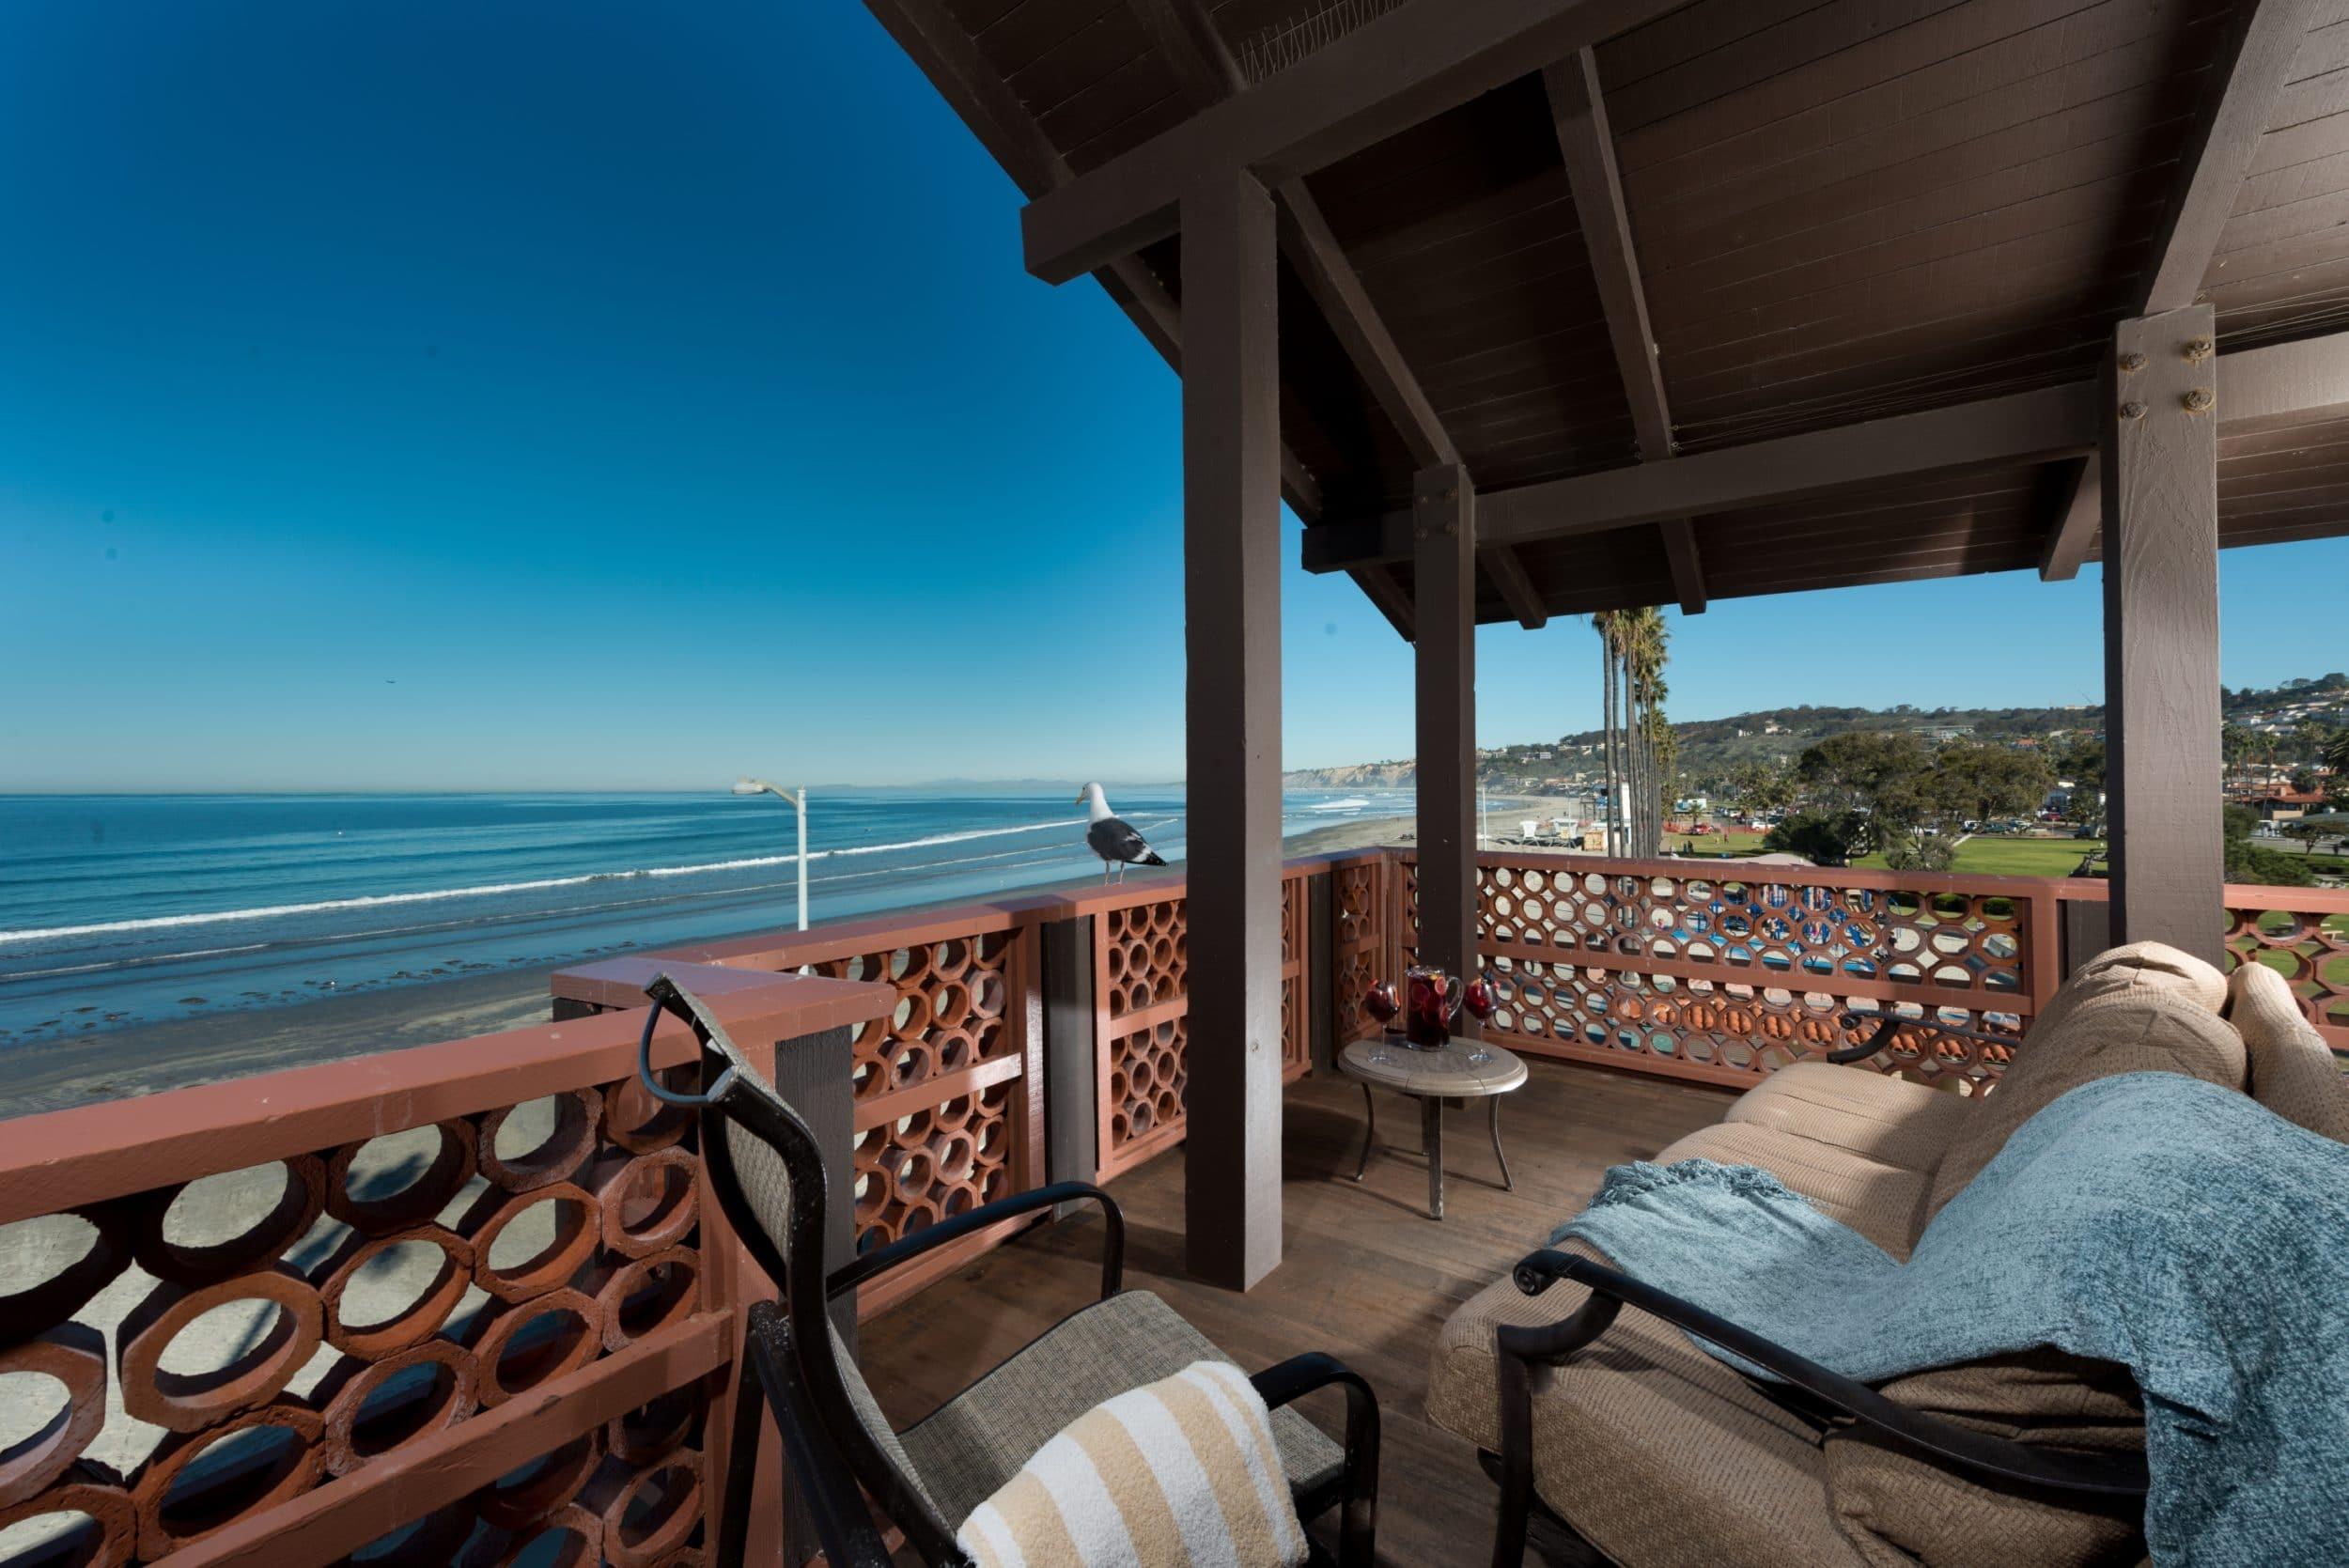 La Jolla Shores Hotel balcony